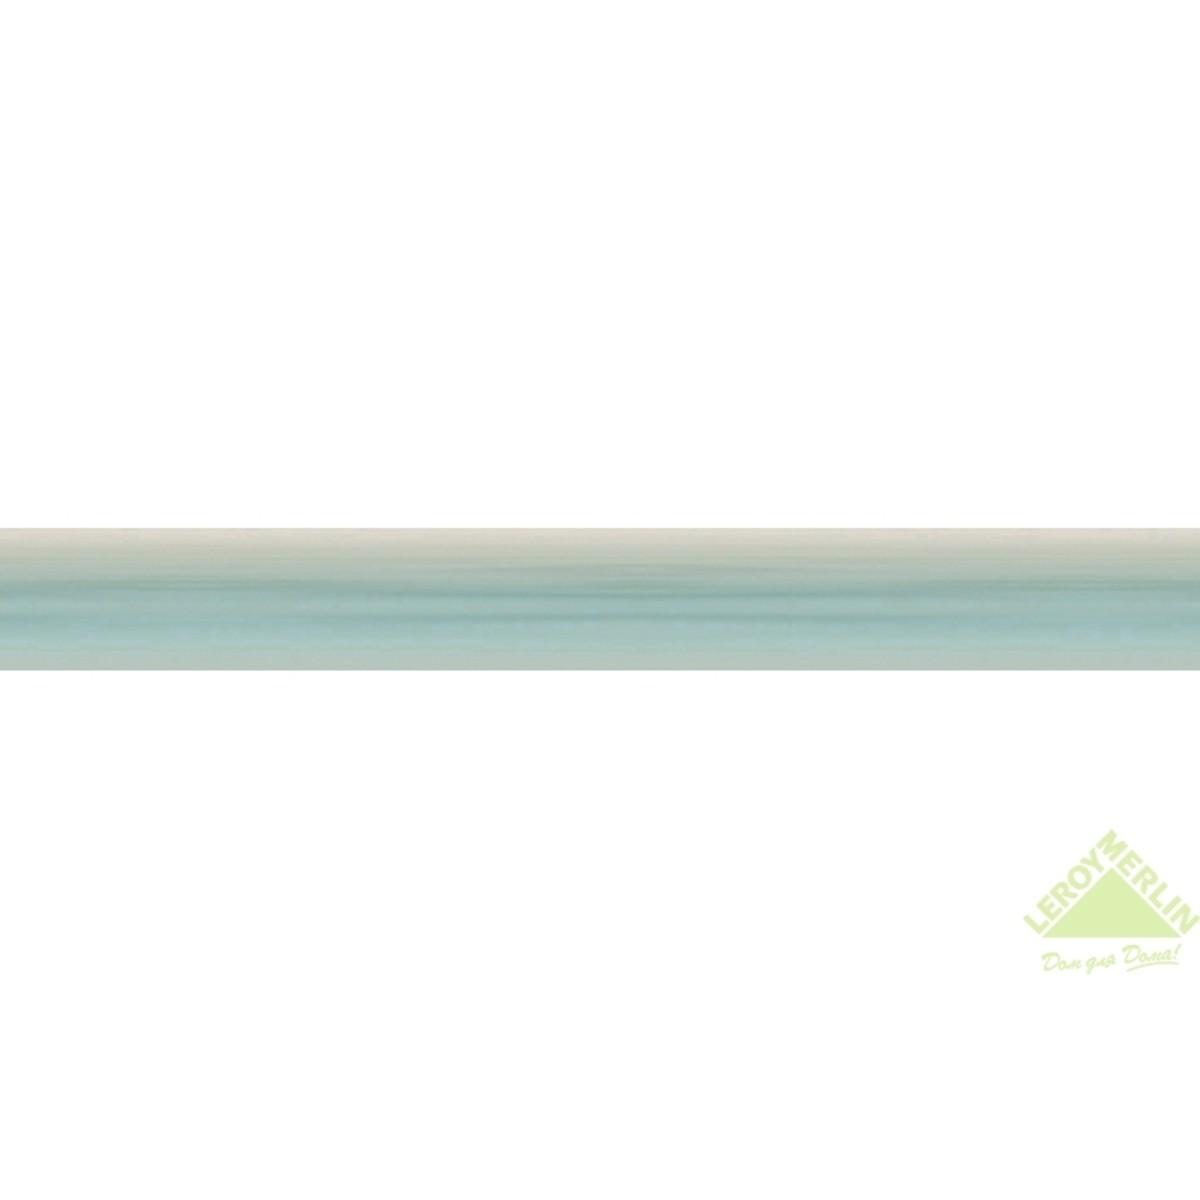 Бордюр Cenefa Aine 48х60 см